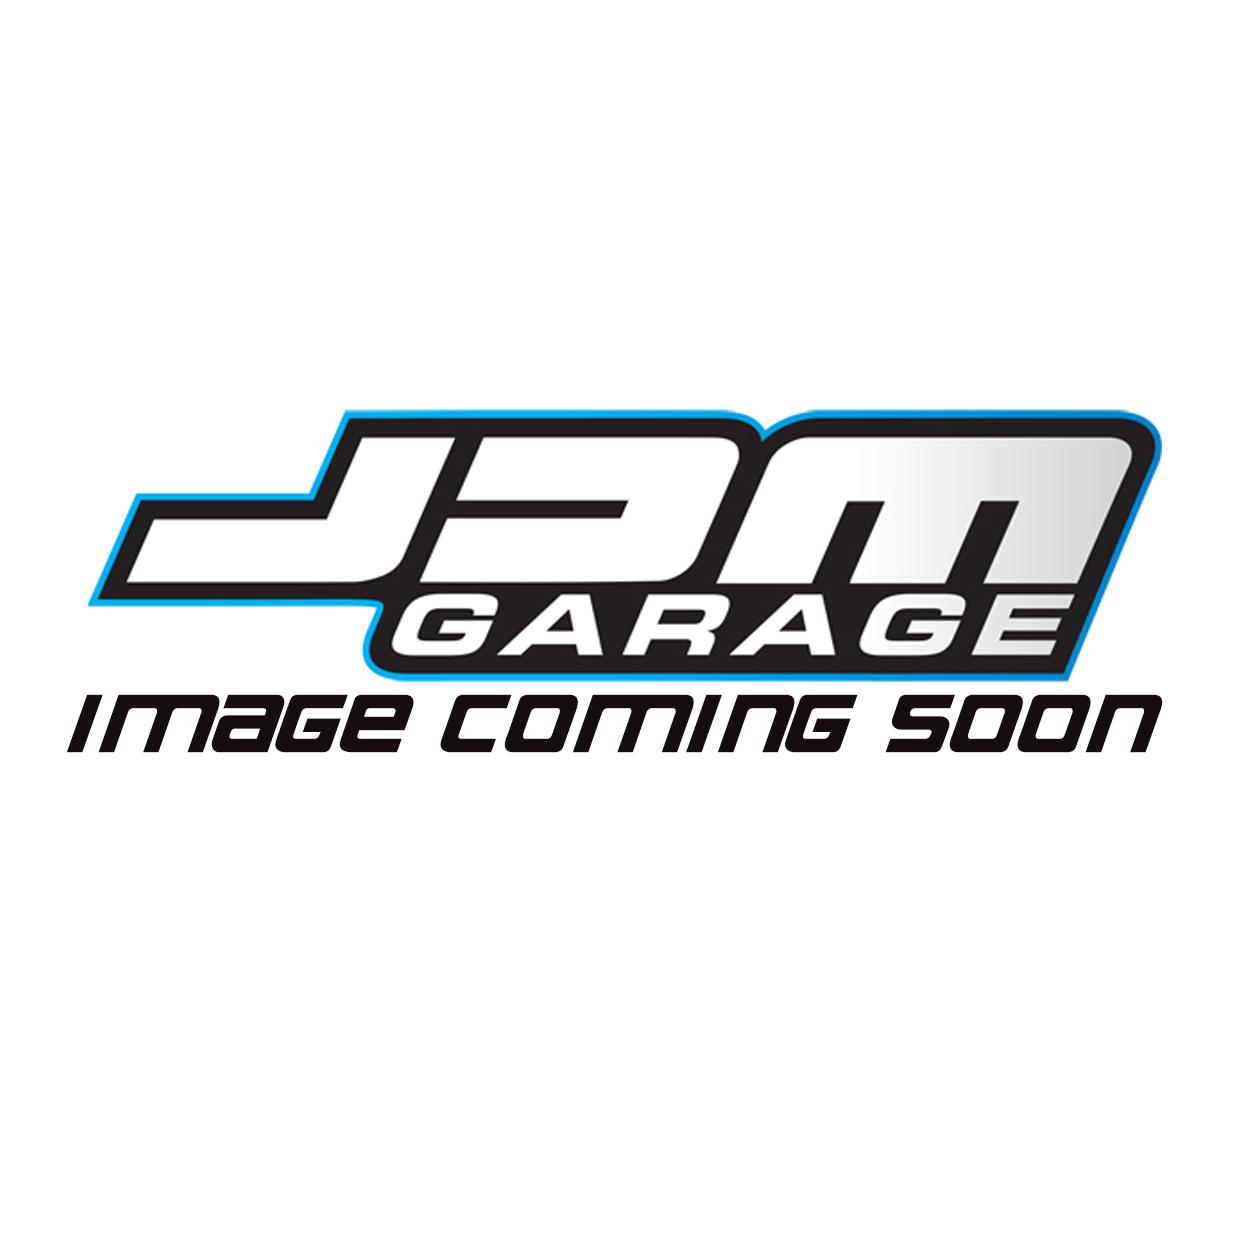 Nissan Genuine OEM Engine Gasket Kit For RB25DE RB25DET R33 GTST Skyline 10101-17U29